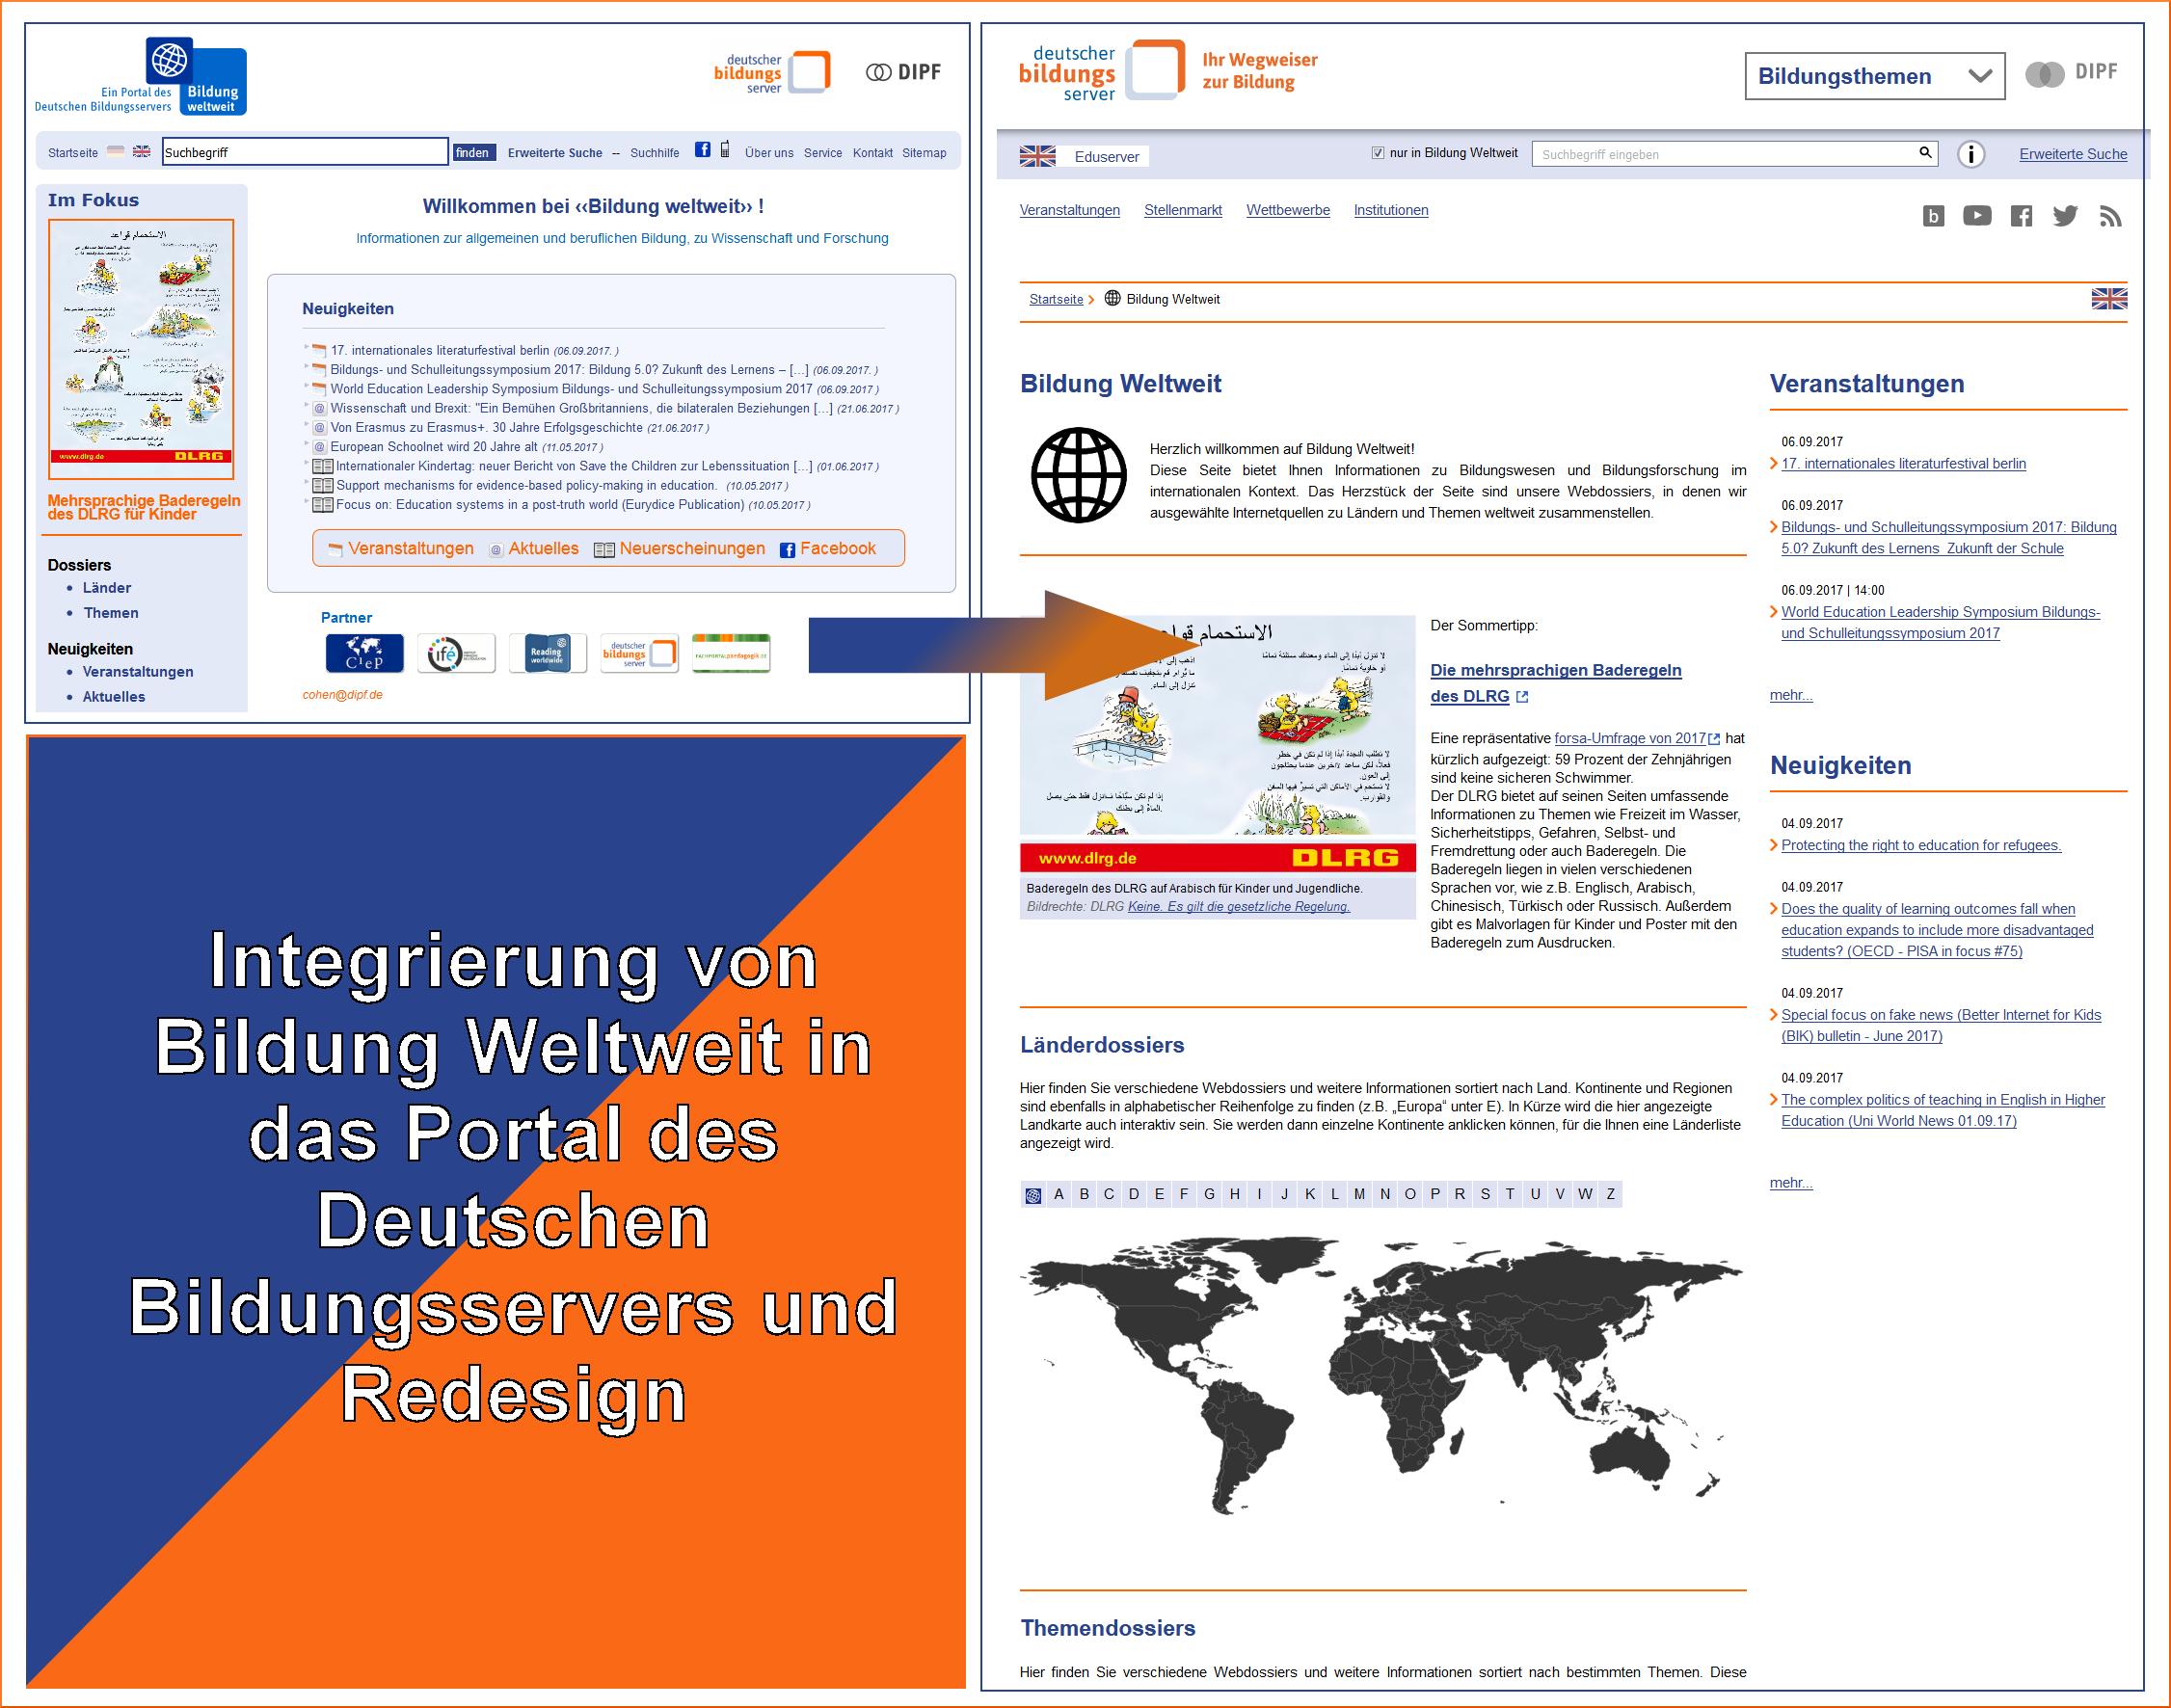 Screenshots der alten und der neuen Startseite von Bildung Weltweit mit dem Text: Integrierung von Bildung Weltweit in das Portal des Deutschen Bildungsservers und Redesign.